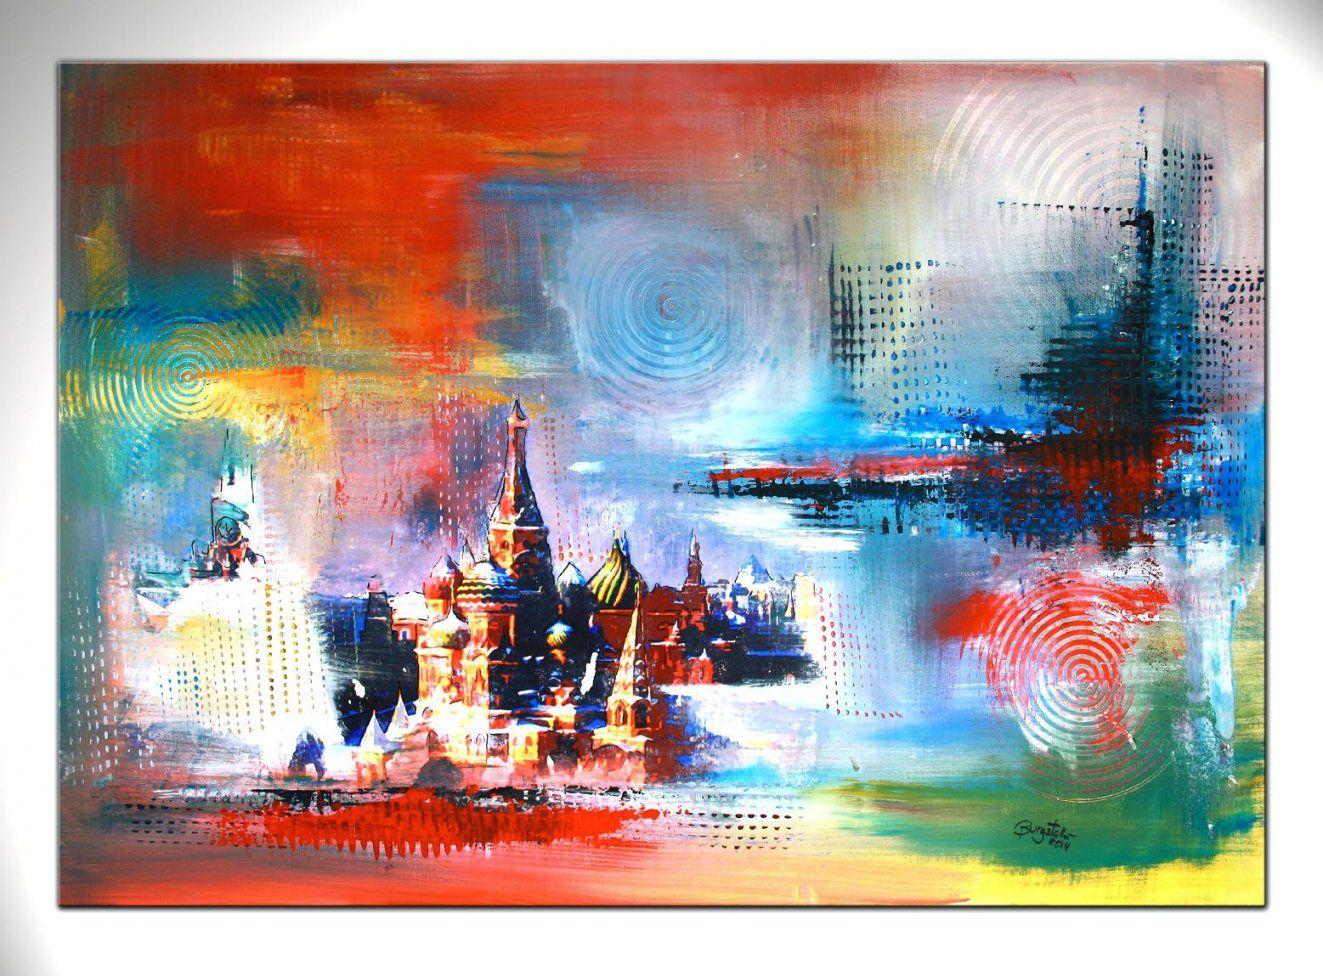 Handgemalte Bilder Auf Leinwand Abstrakt Amazing Figrlich Landschaft von Handgemalte Bilder Auf Leinwand Abstrakt Bild